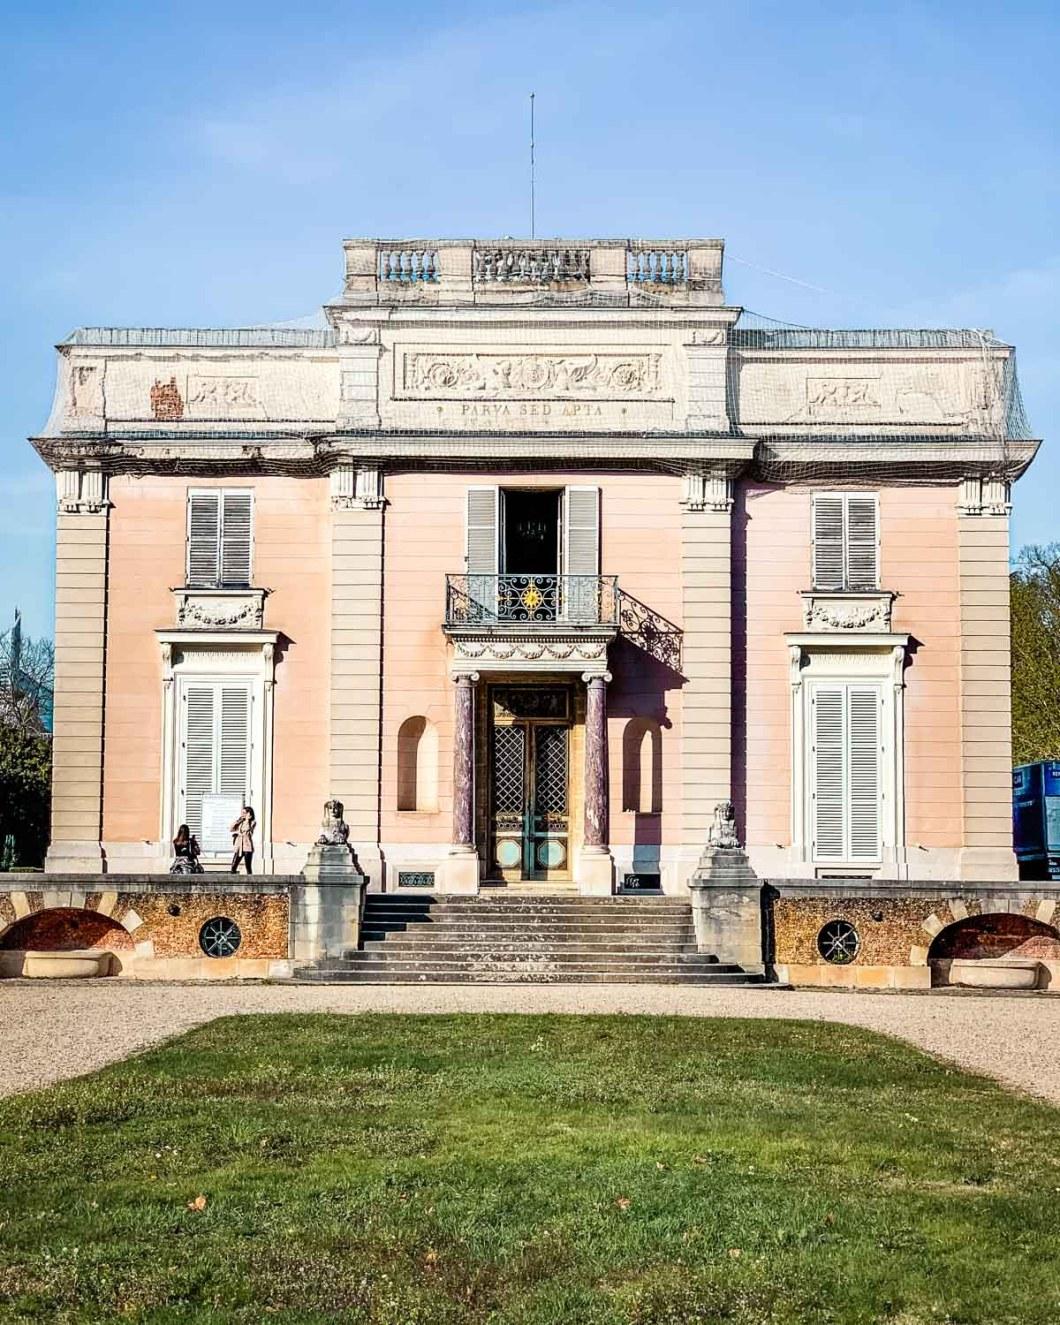 Château de Bagatelle inside the Parc de Bagatelle - Paris